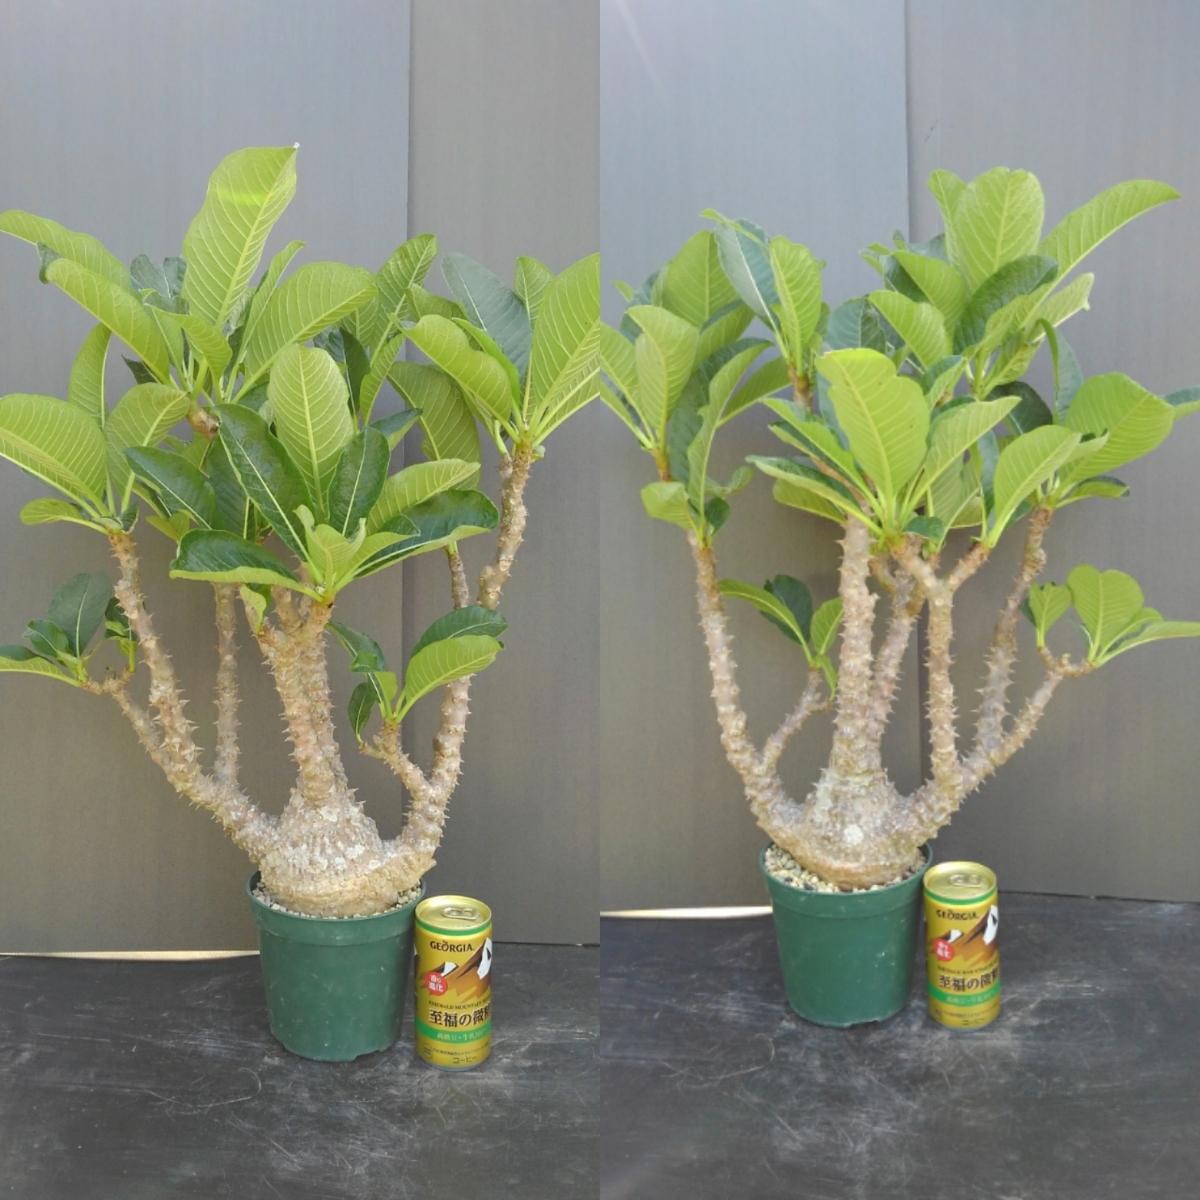 樹~8月34『パキポディウム・ウィンゾリー』13㎝鉢 特大 美種 特美株 h:約58㎝ オススメ